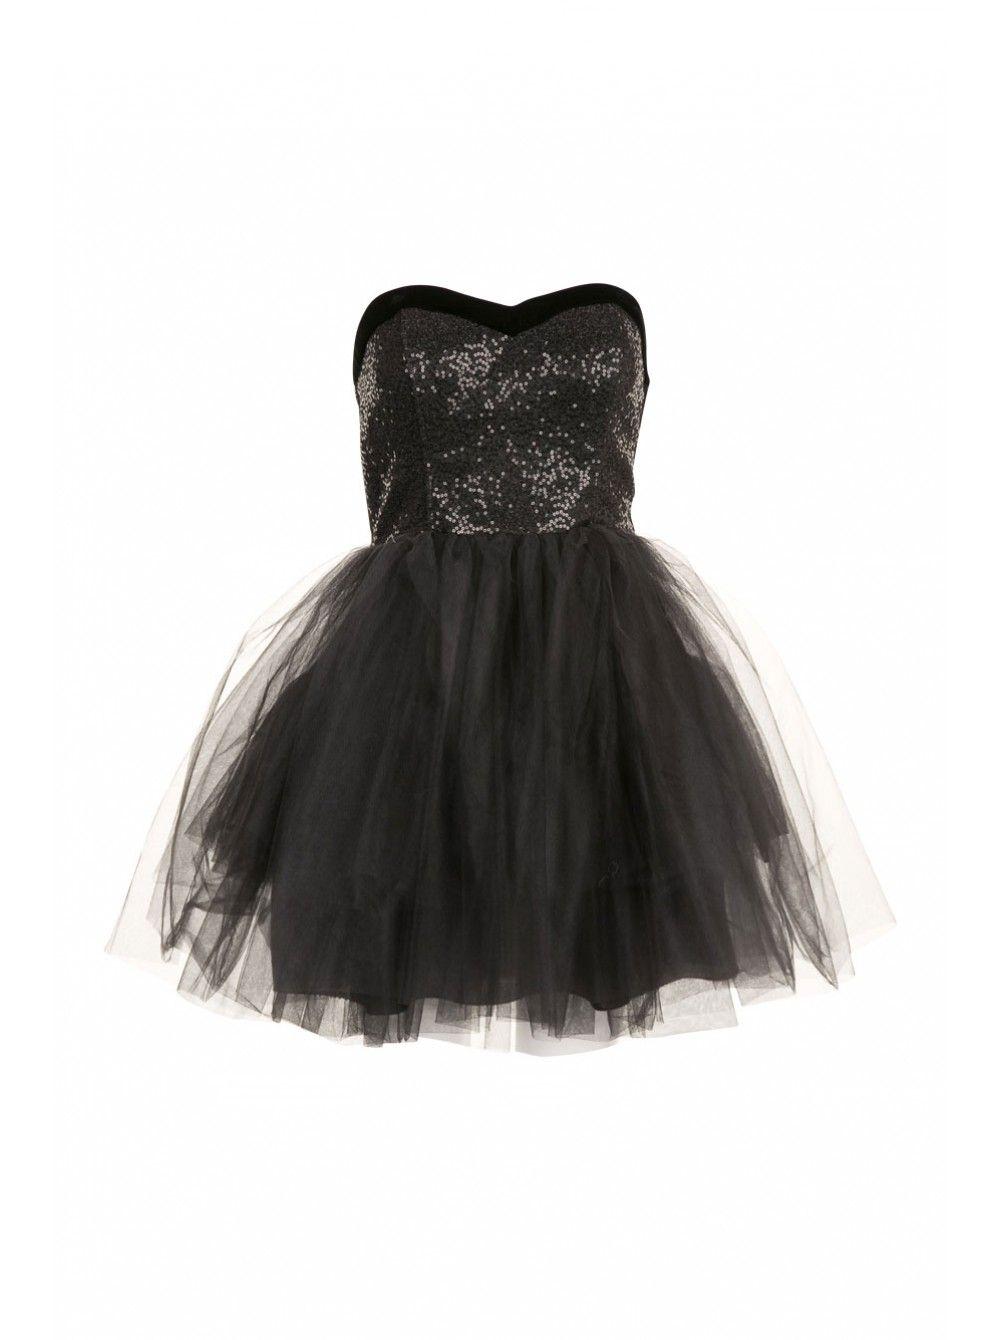 Dresses Robe Bustier NafÀ Tutu Femme Acheter Robes Noir T3F51culJK